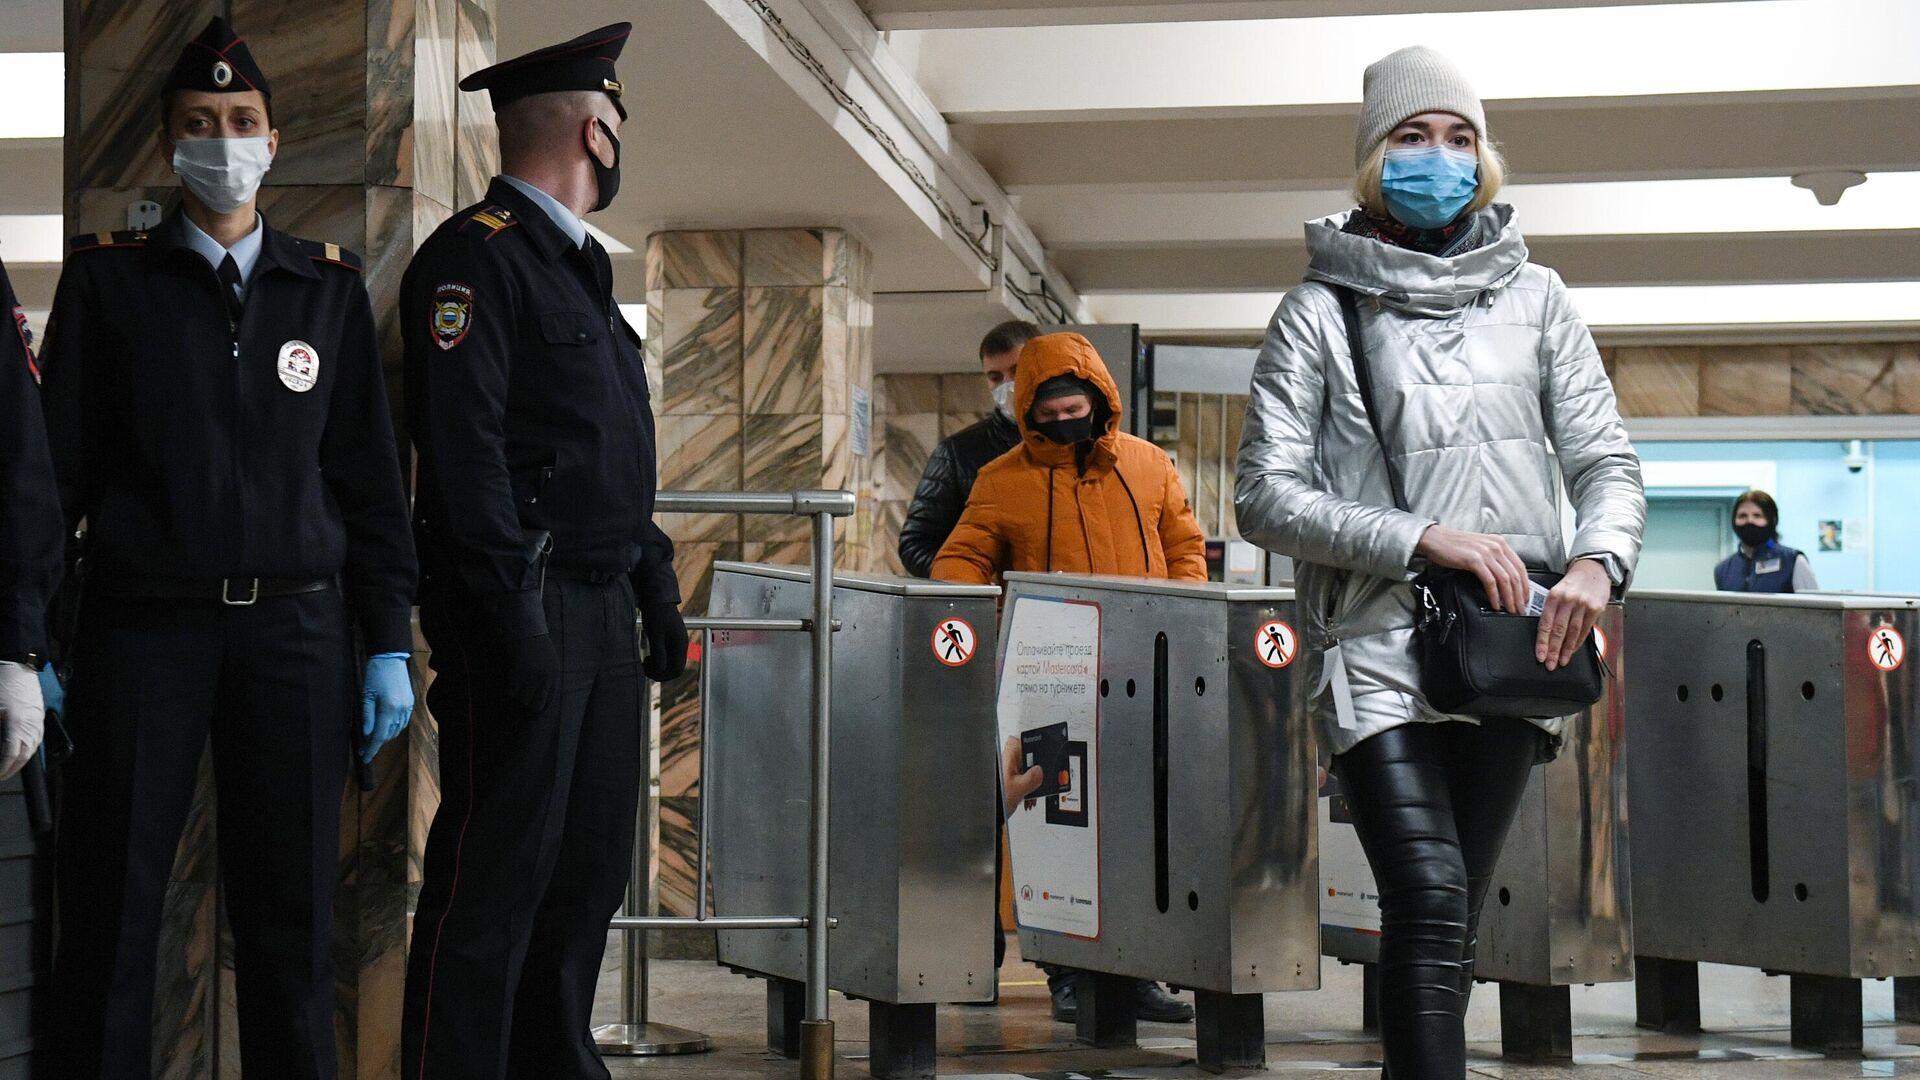 Сотрудники полиции проверяют соблюдение ношения масок на станции Студенческая Новосибирского метрополитена - РИА Новости, 1920, 27.12.2020